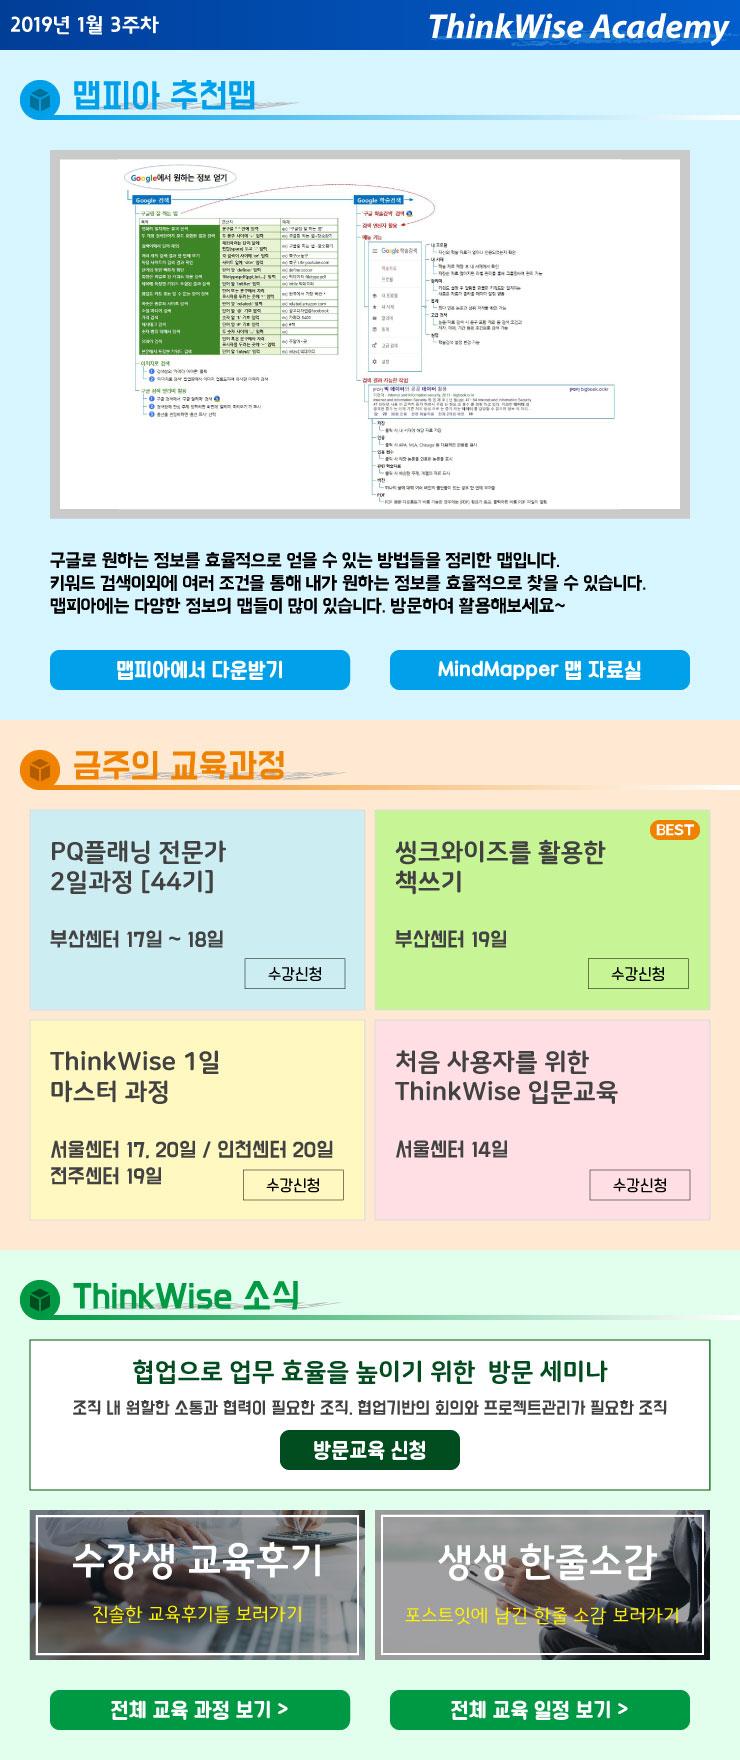 2019년 맵피아 추천맵 & 1월 3주차 교육과정